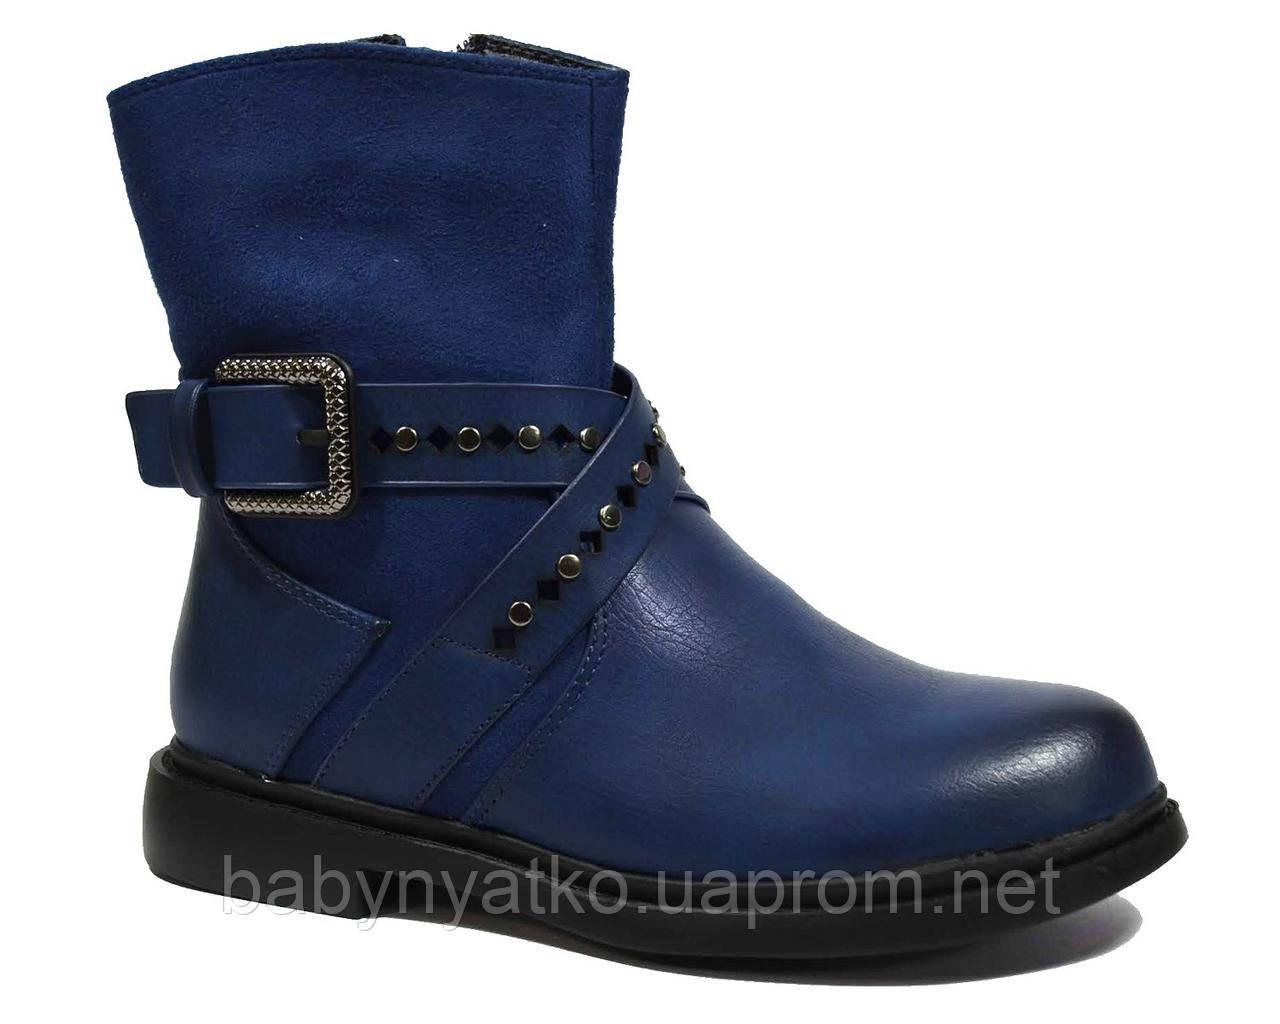 06551b655 Детские подростковые супер стильные демисезонные ботинки девочка р.32-37  утеплены флисом, застежка